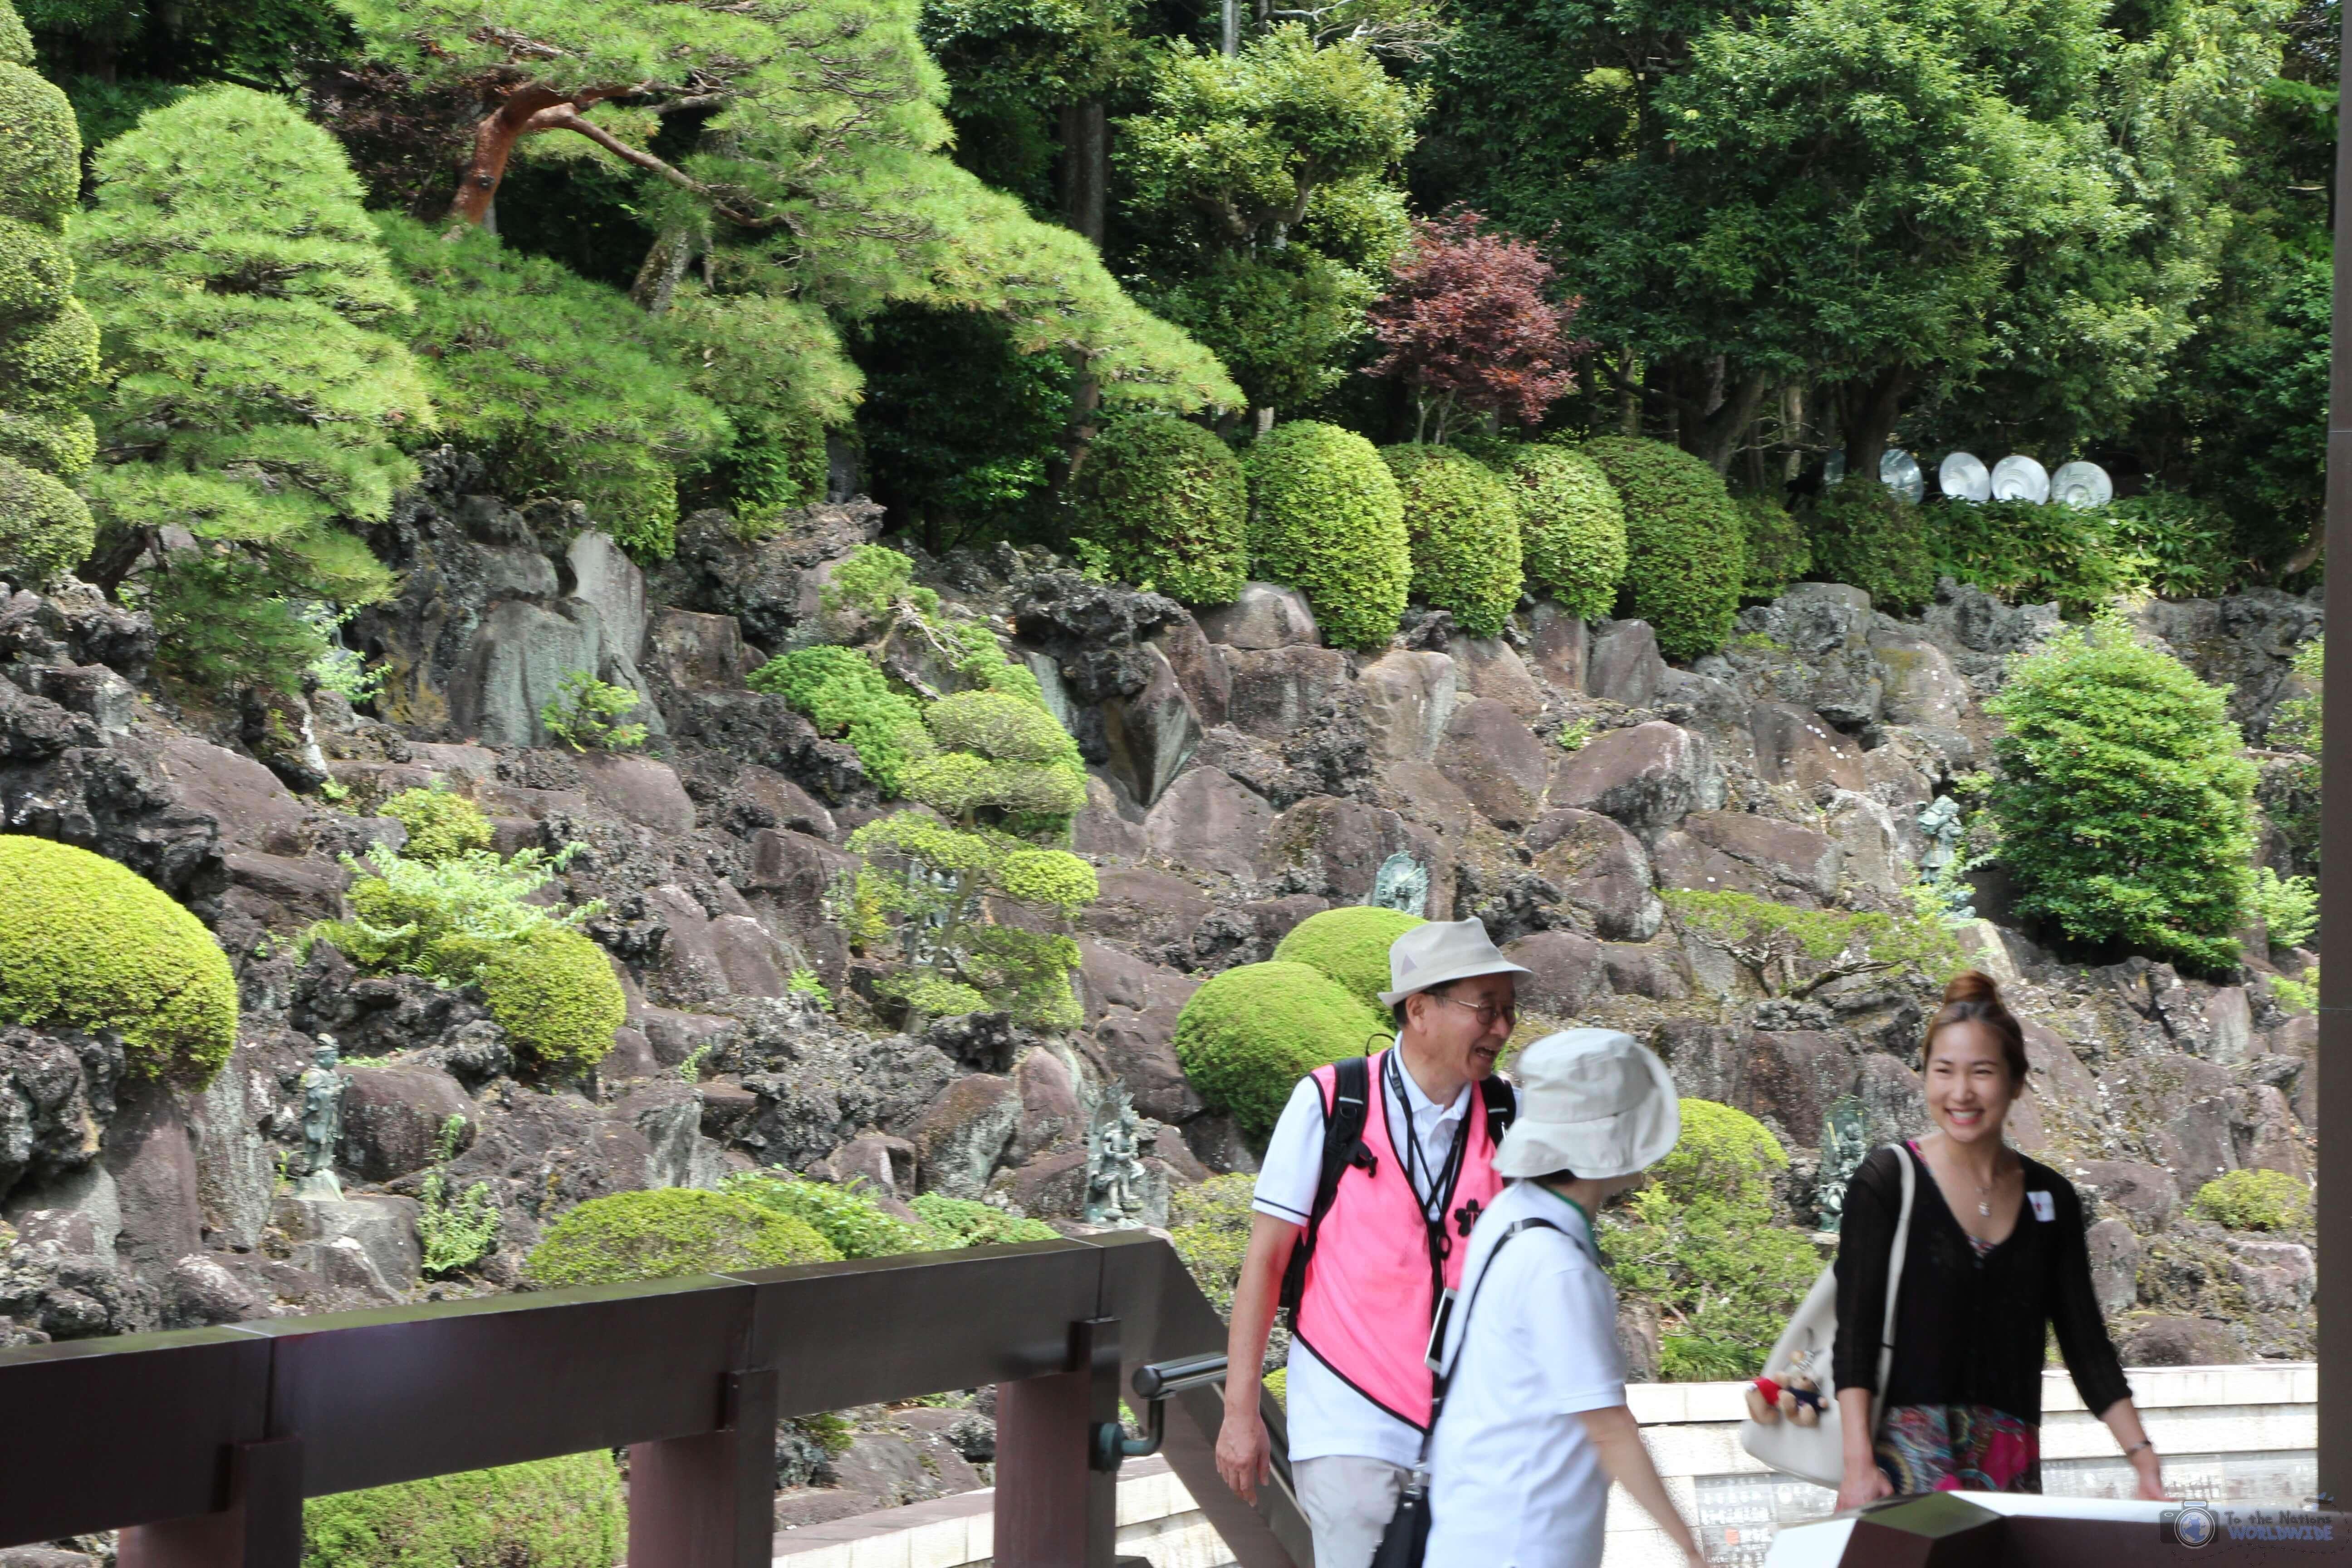 The Temple Gardens in Naritisan Shinshoji Temple in Narita, Japan